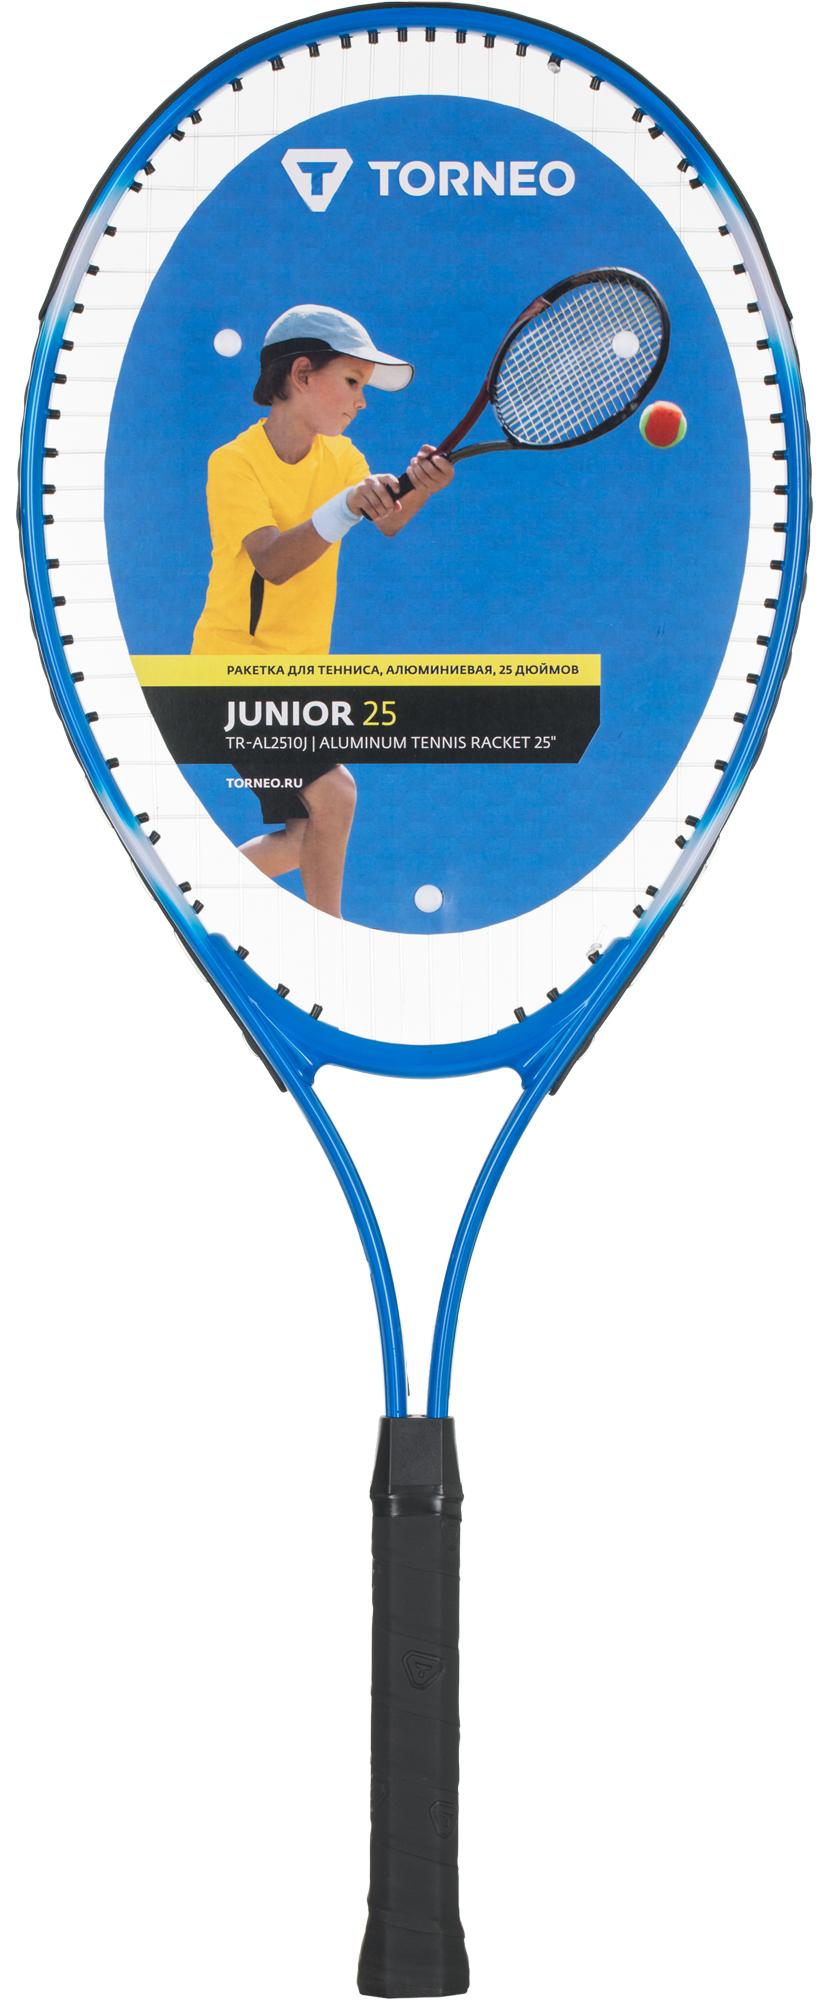 Torneo Ракетка для большого тенниса детская Torneo 25 torneo ракетка для большого тенниса детская torneo 25 размер без размера